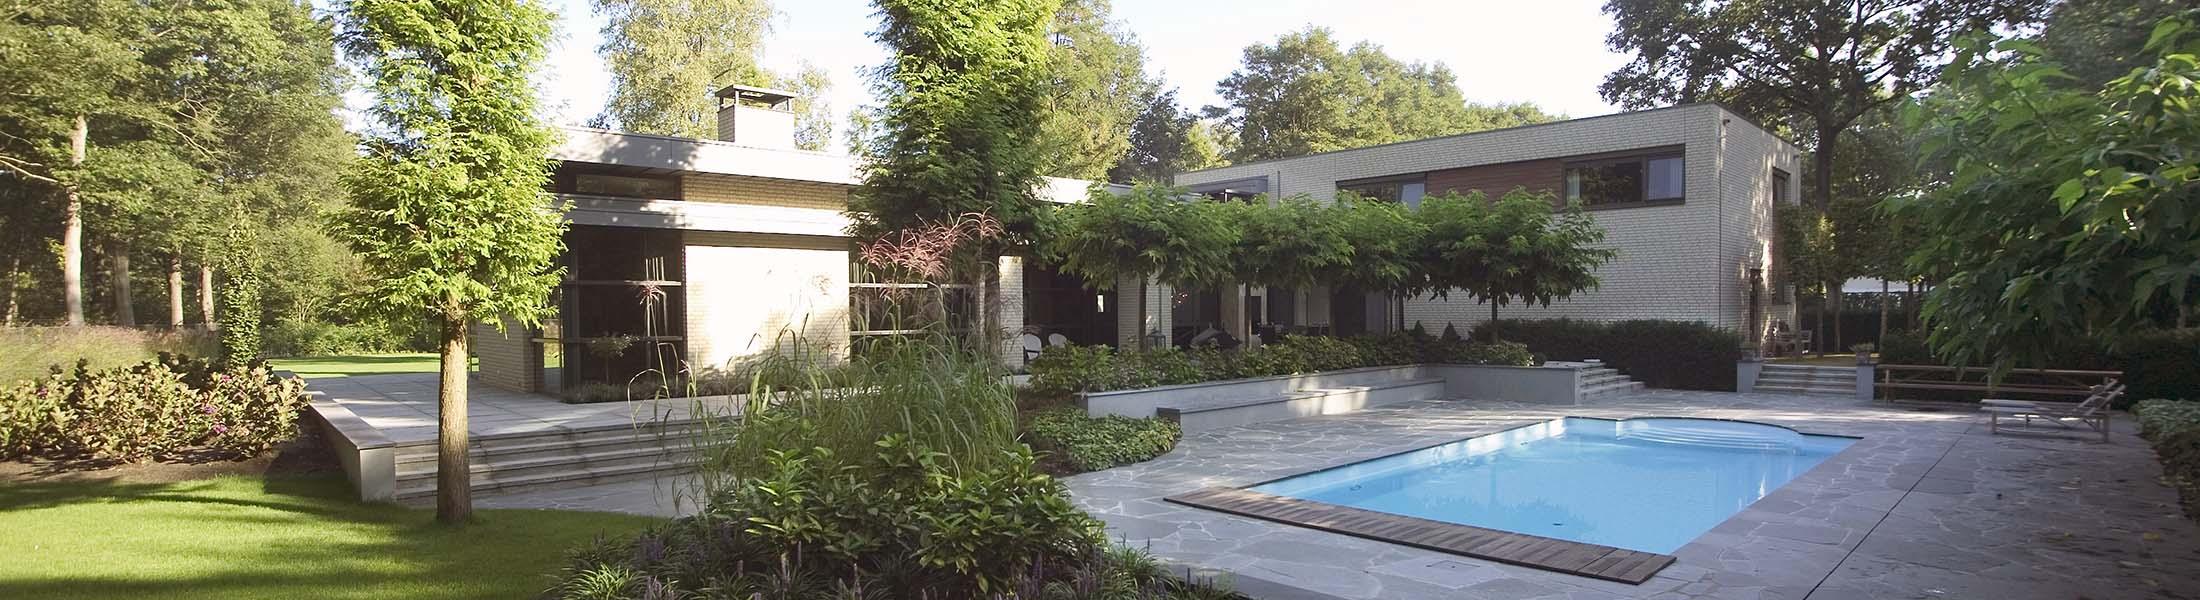 Bent u op zoek naar een hovenier nuenen fons linders for Huis en tuin nuenen